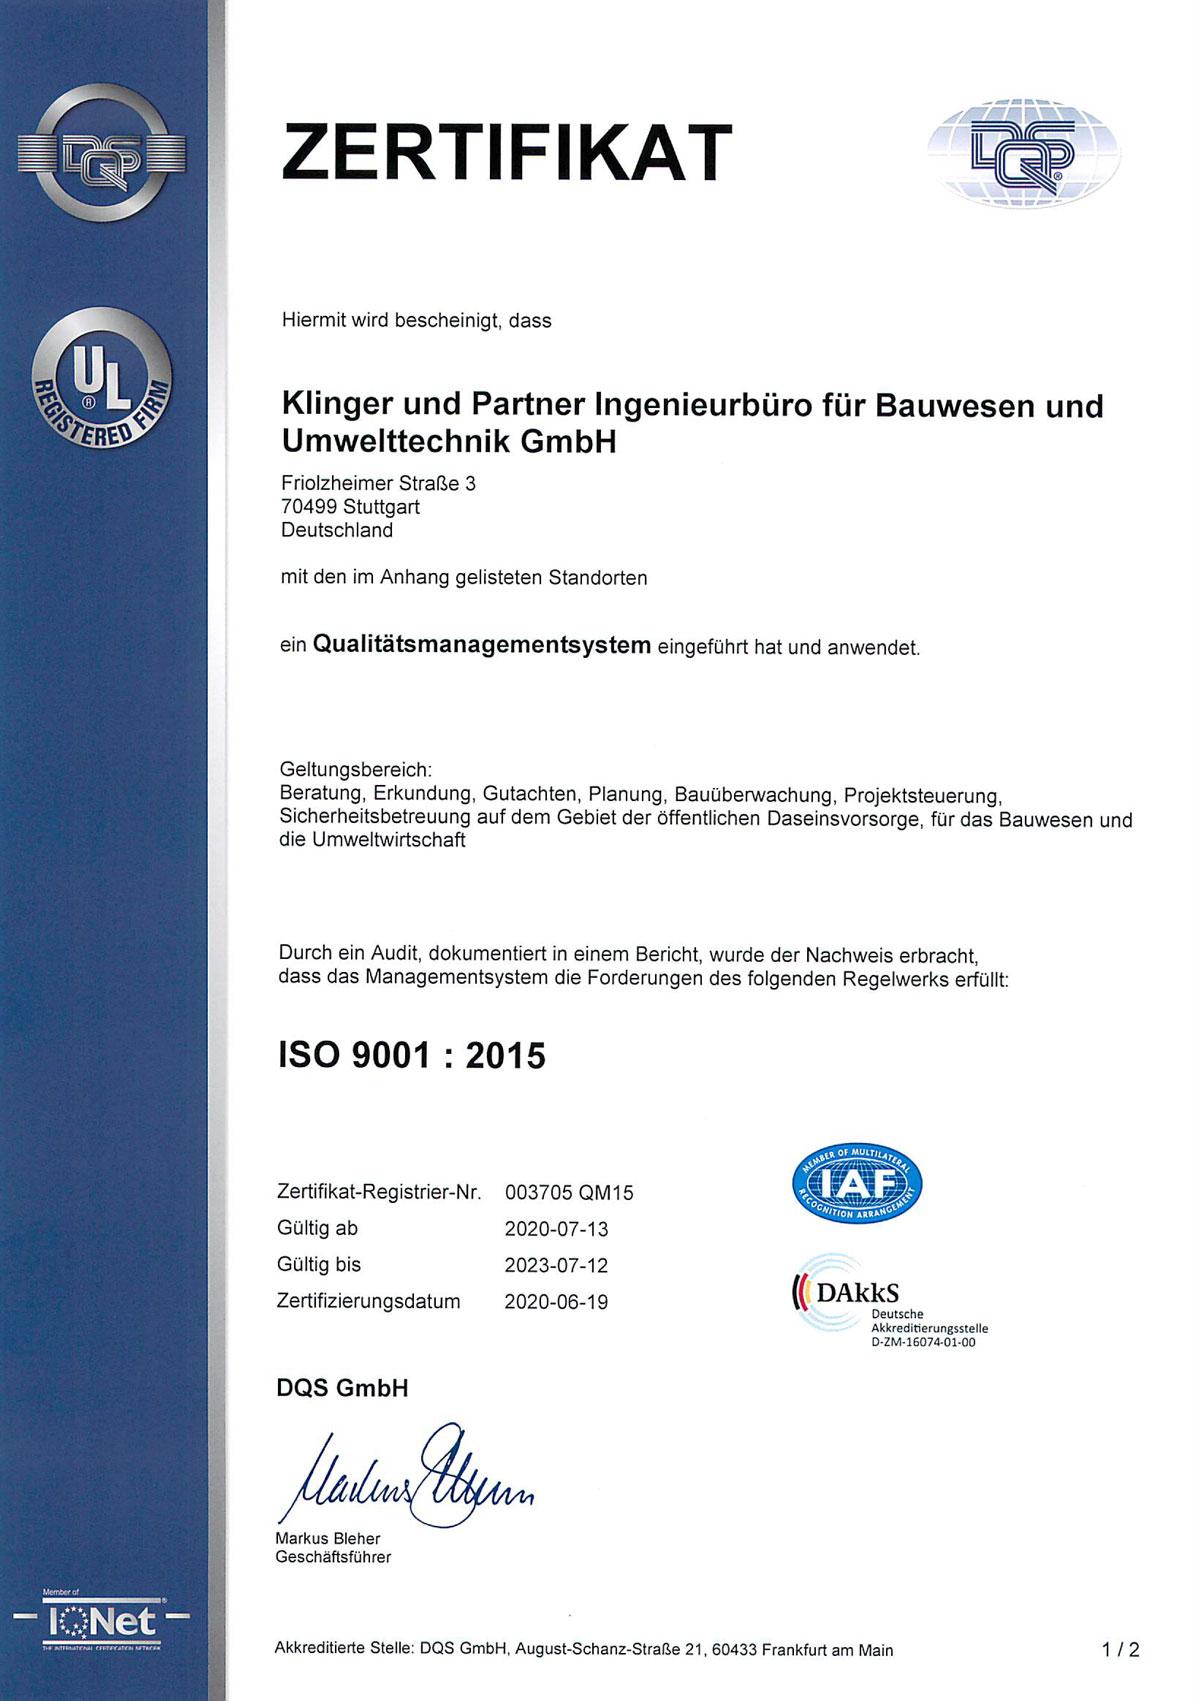 Zertifikat QM Zertifizierung